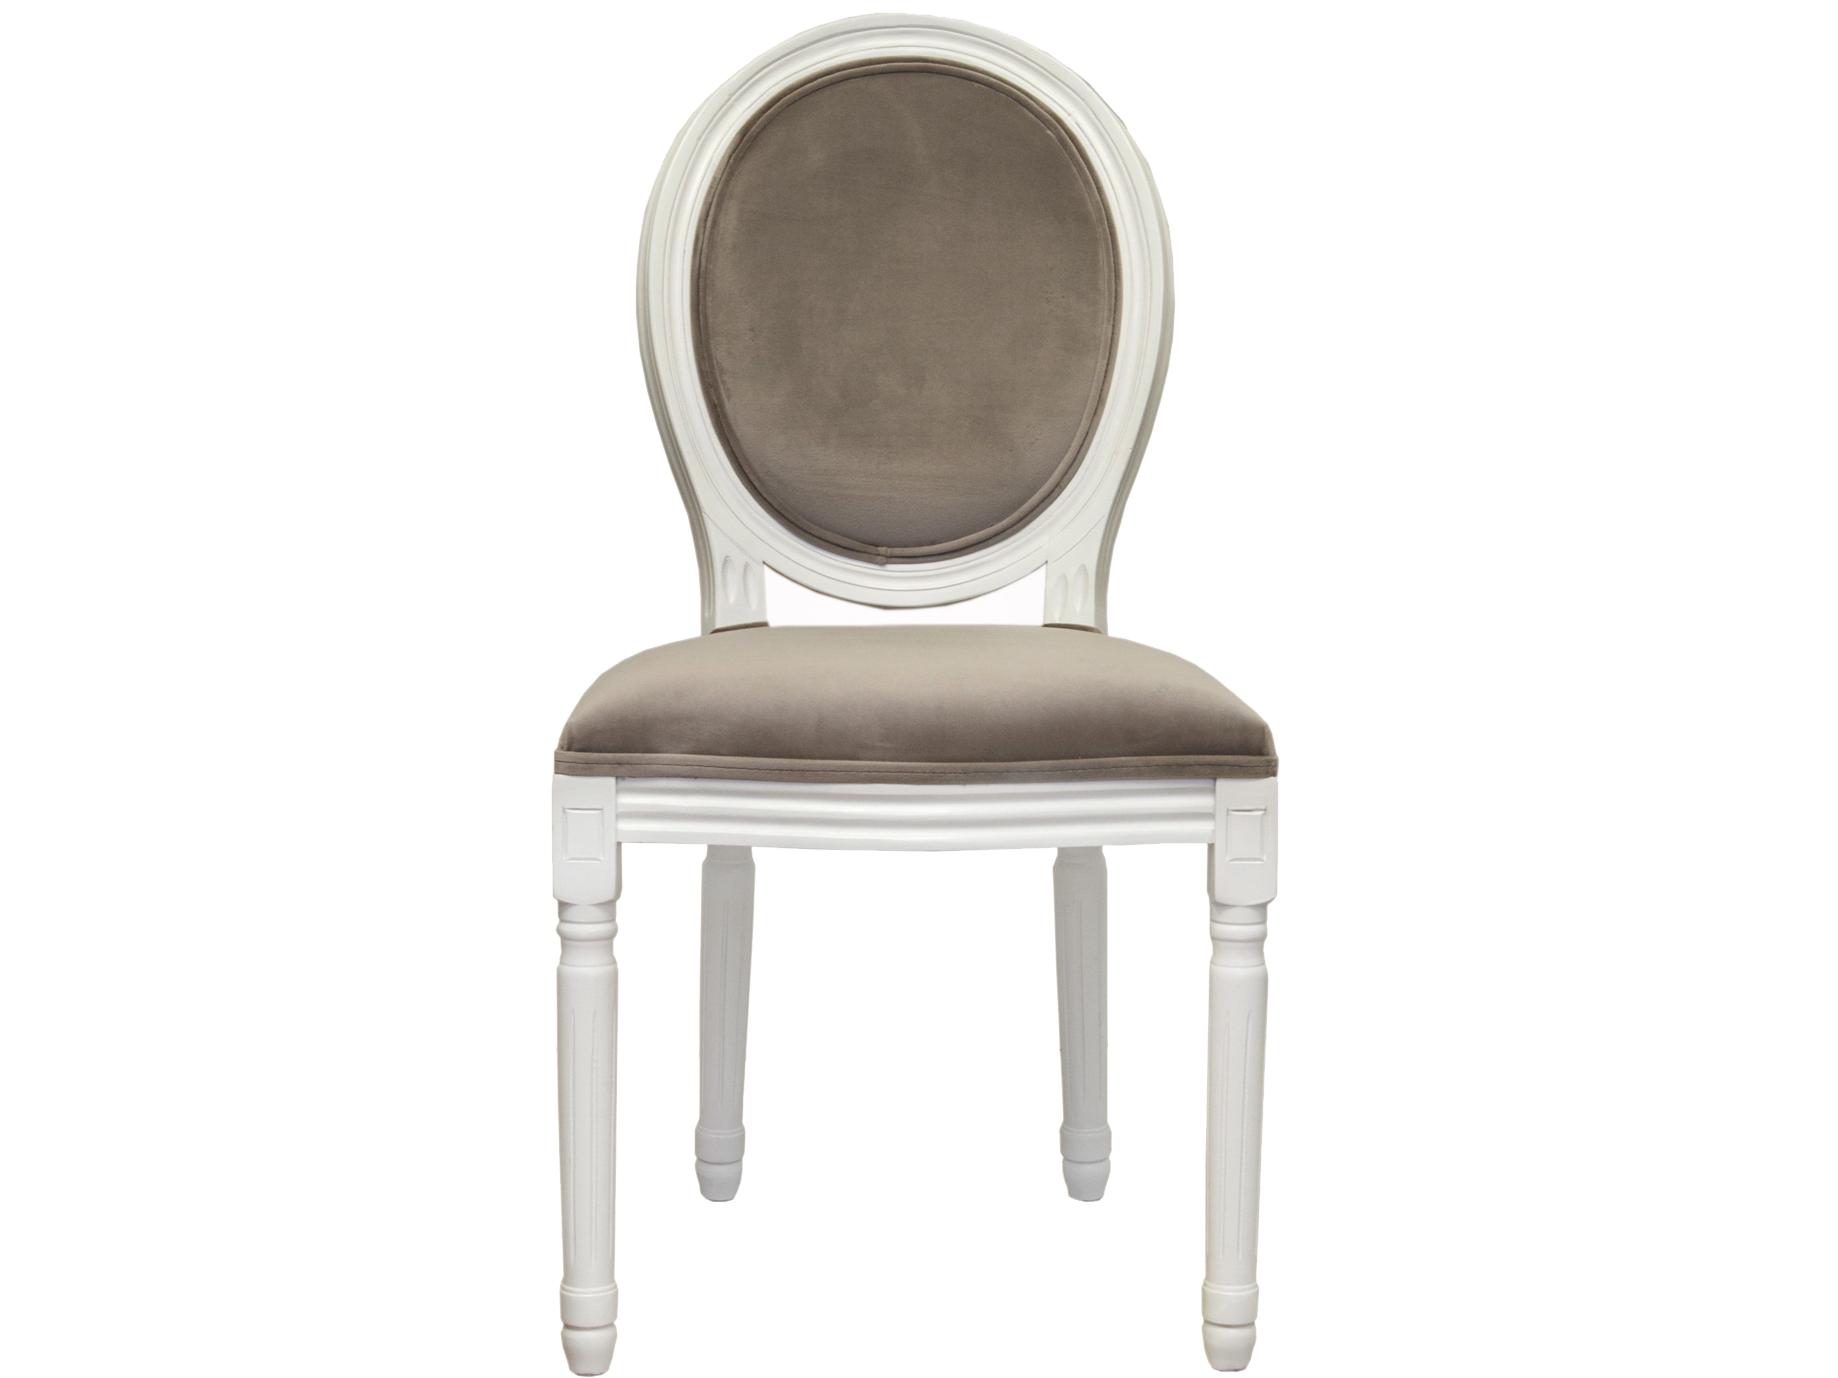 Стул VolkerОбеденные стулья<br>Cтул Volker с округлой спинкой напоминающей медальон, выполнен в элегантном классическом французском стиле. Основание модели выполнено из цельной породы древесины - массив каучукового дерева, выкрашенного в белый цвет. Такой стул эффектно смотрится как в контрастной, так и в однотонной обстановке.&amp;amp;nbsp;&amp;lt;div&amp;gt;&amp;lt;br&amp;gt;&amp;lt;/div&amp;gt;&amp;lt;div&amp;gt;Материал Велюр, Каучуковое дерево&amp;lt;br&amp;gt;&amp;lt;/div&amp;gt;<br><br>Material: Дерево<br>Ширина см: 50<br>Высота см: 100<br>Глубина см: 54